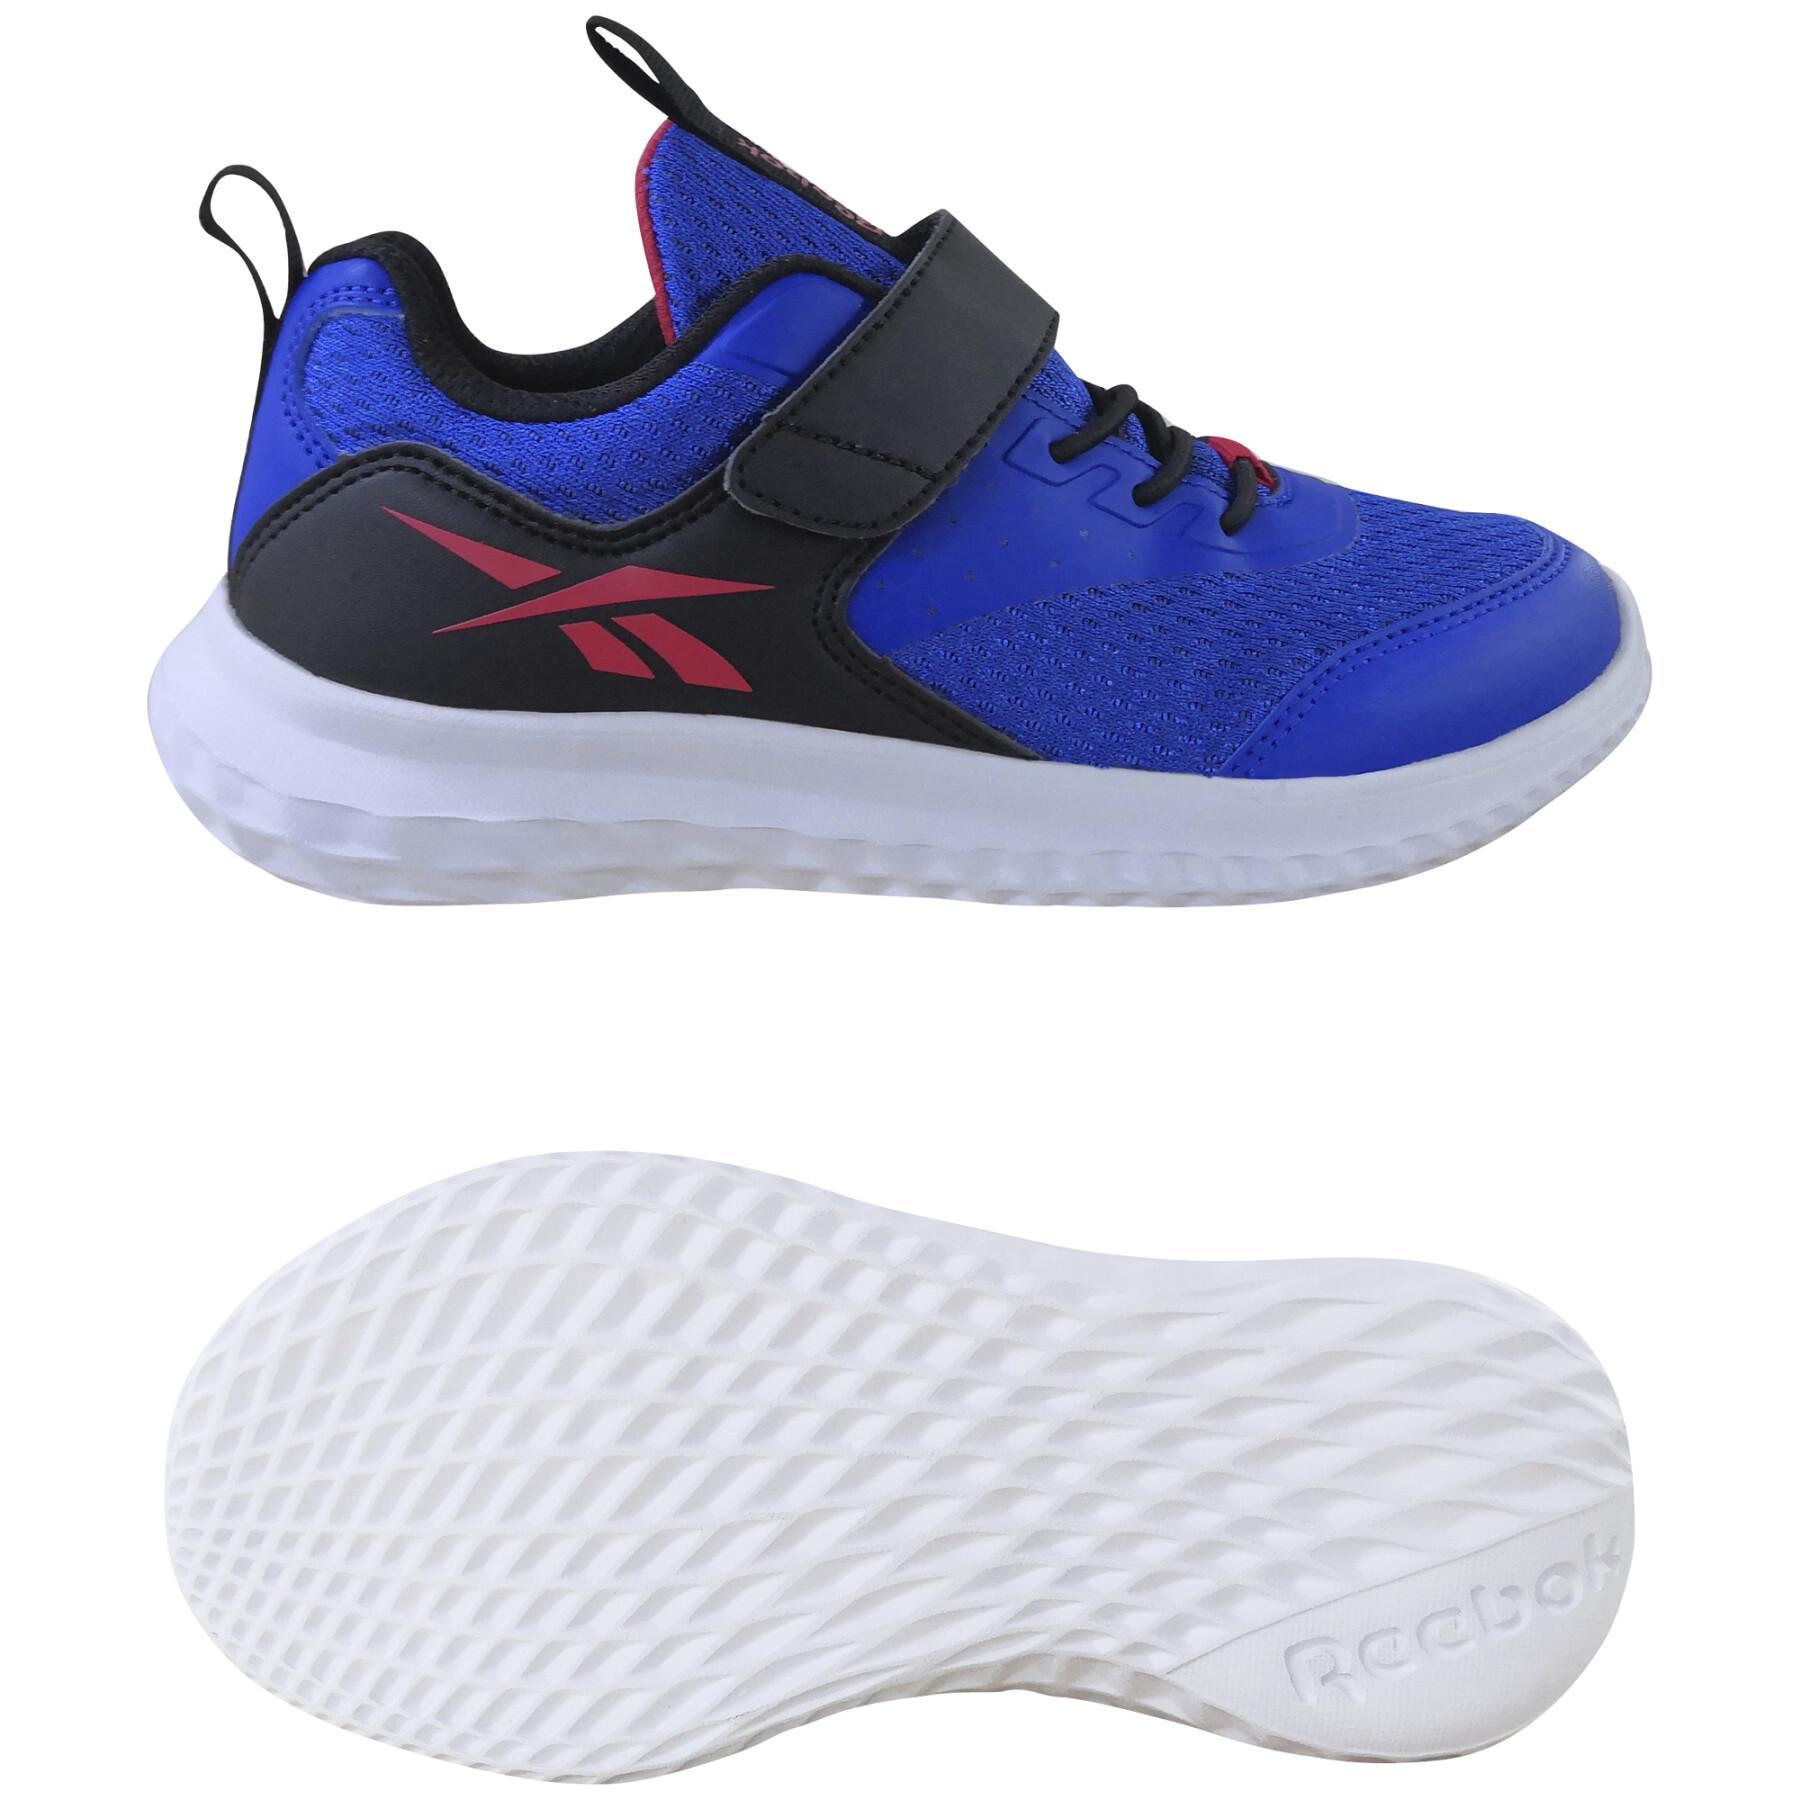 Children's shoes Reebok Rush Runner 4 Alt